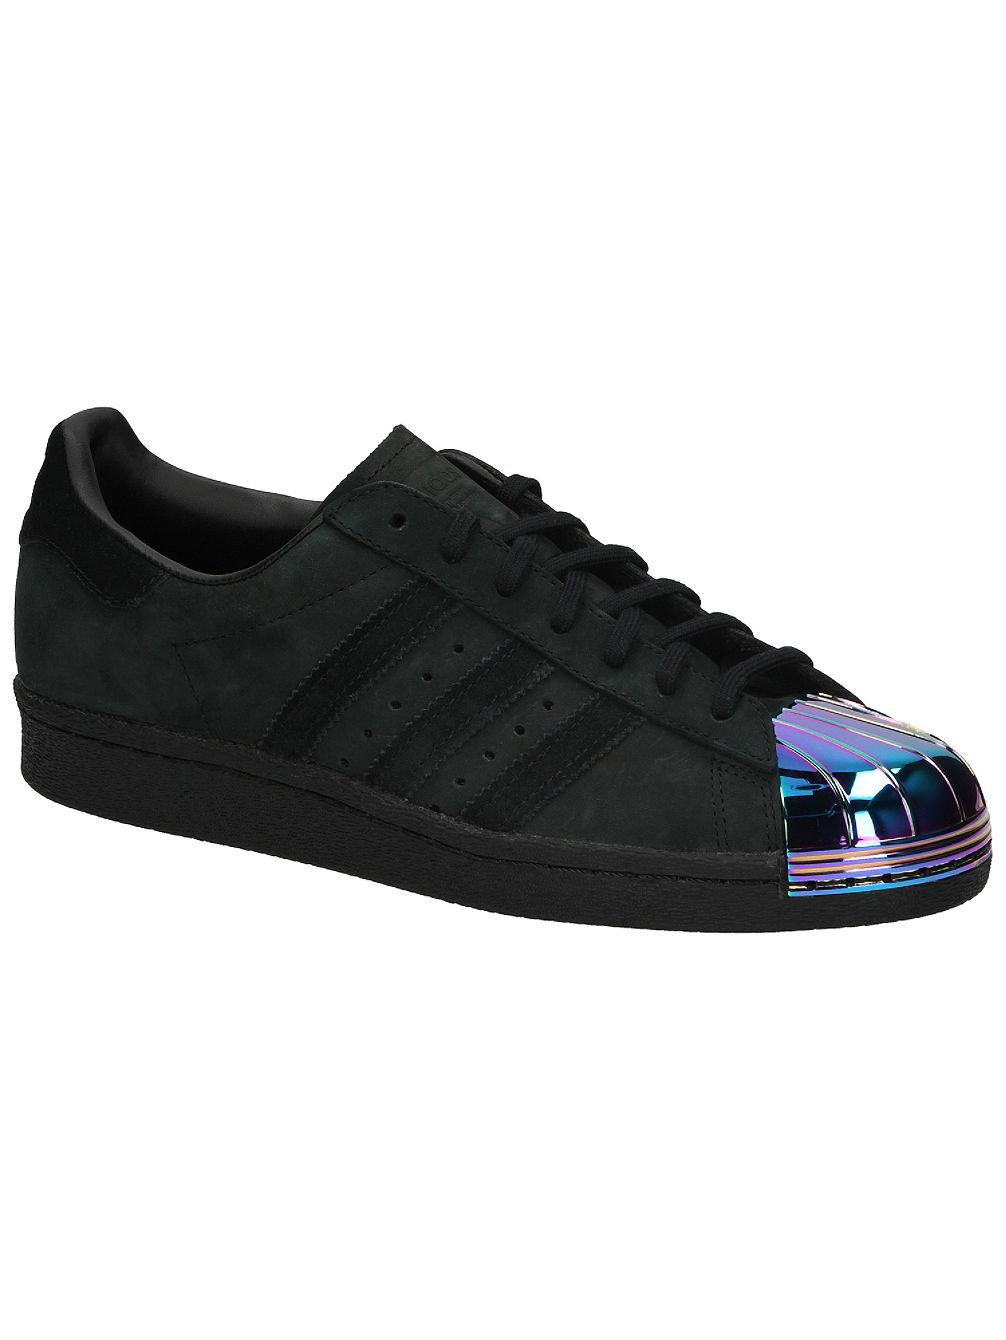 superstar-80s-metal-toe-sneakers-women